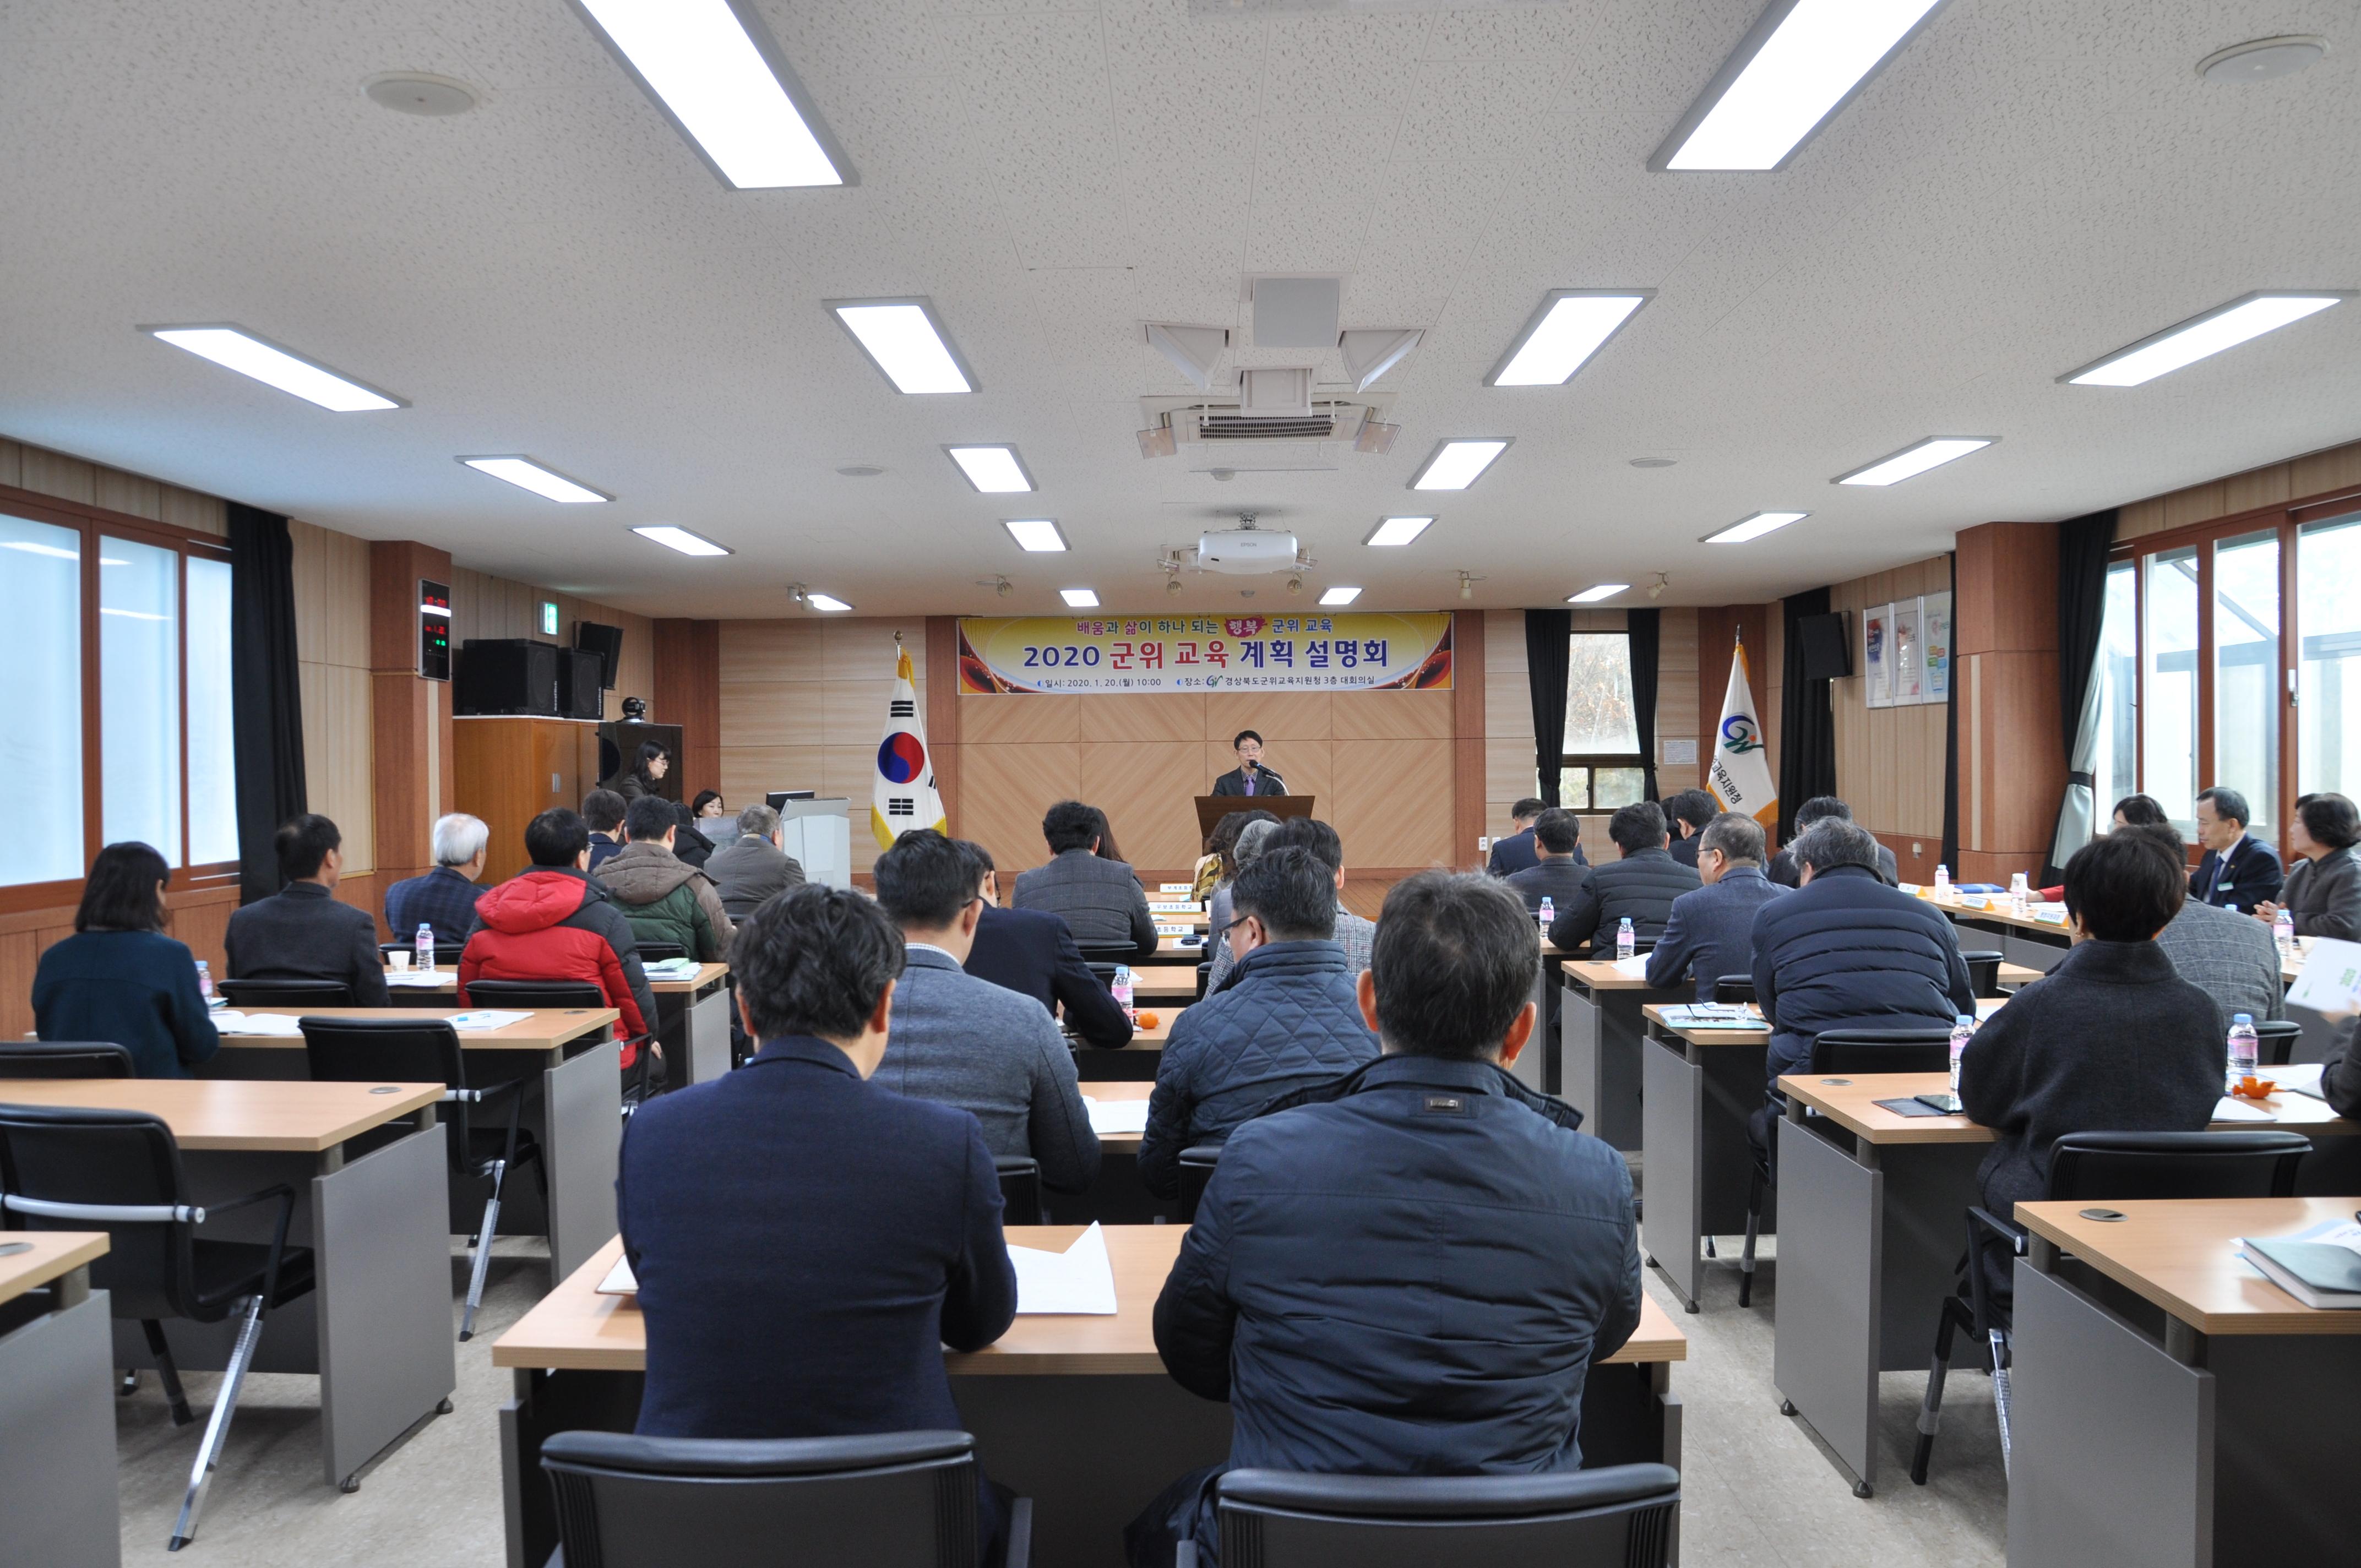 군위교육지원청, 군위교육계획 설명회 개최